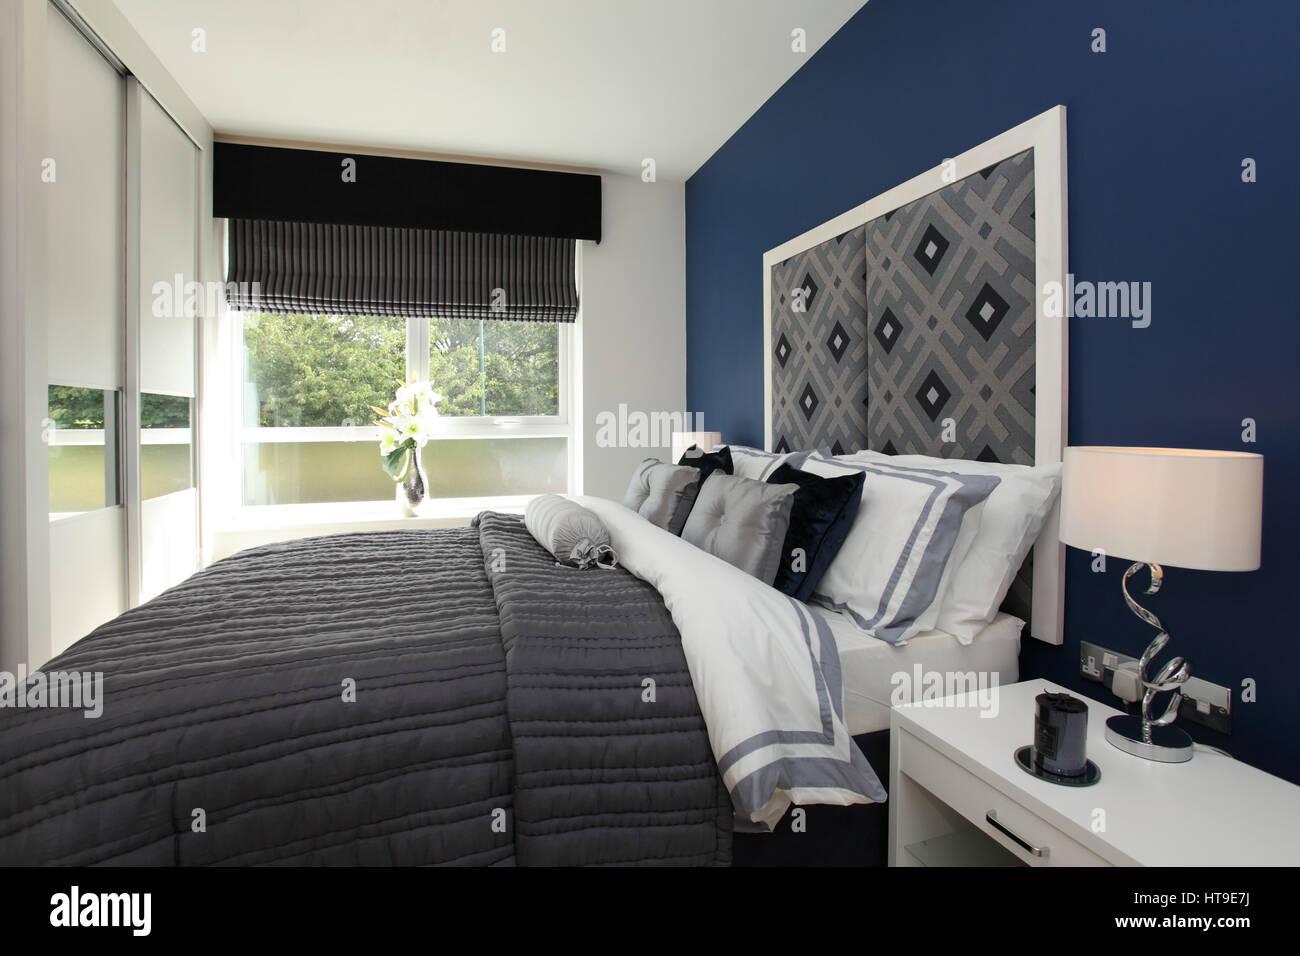 Home intérieur, chambre à coucher, décor bleu, lit, tête de lit ...